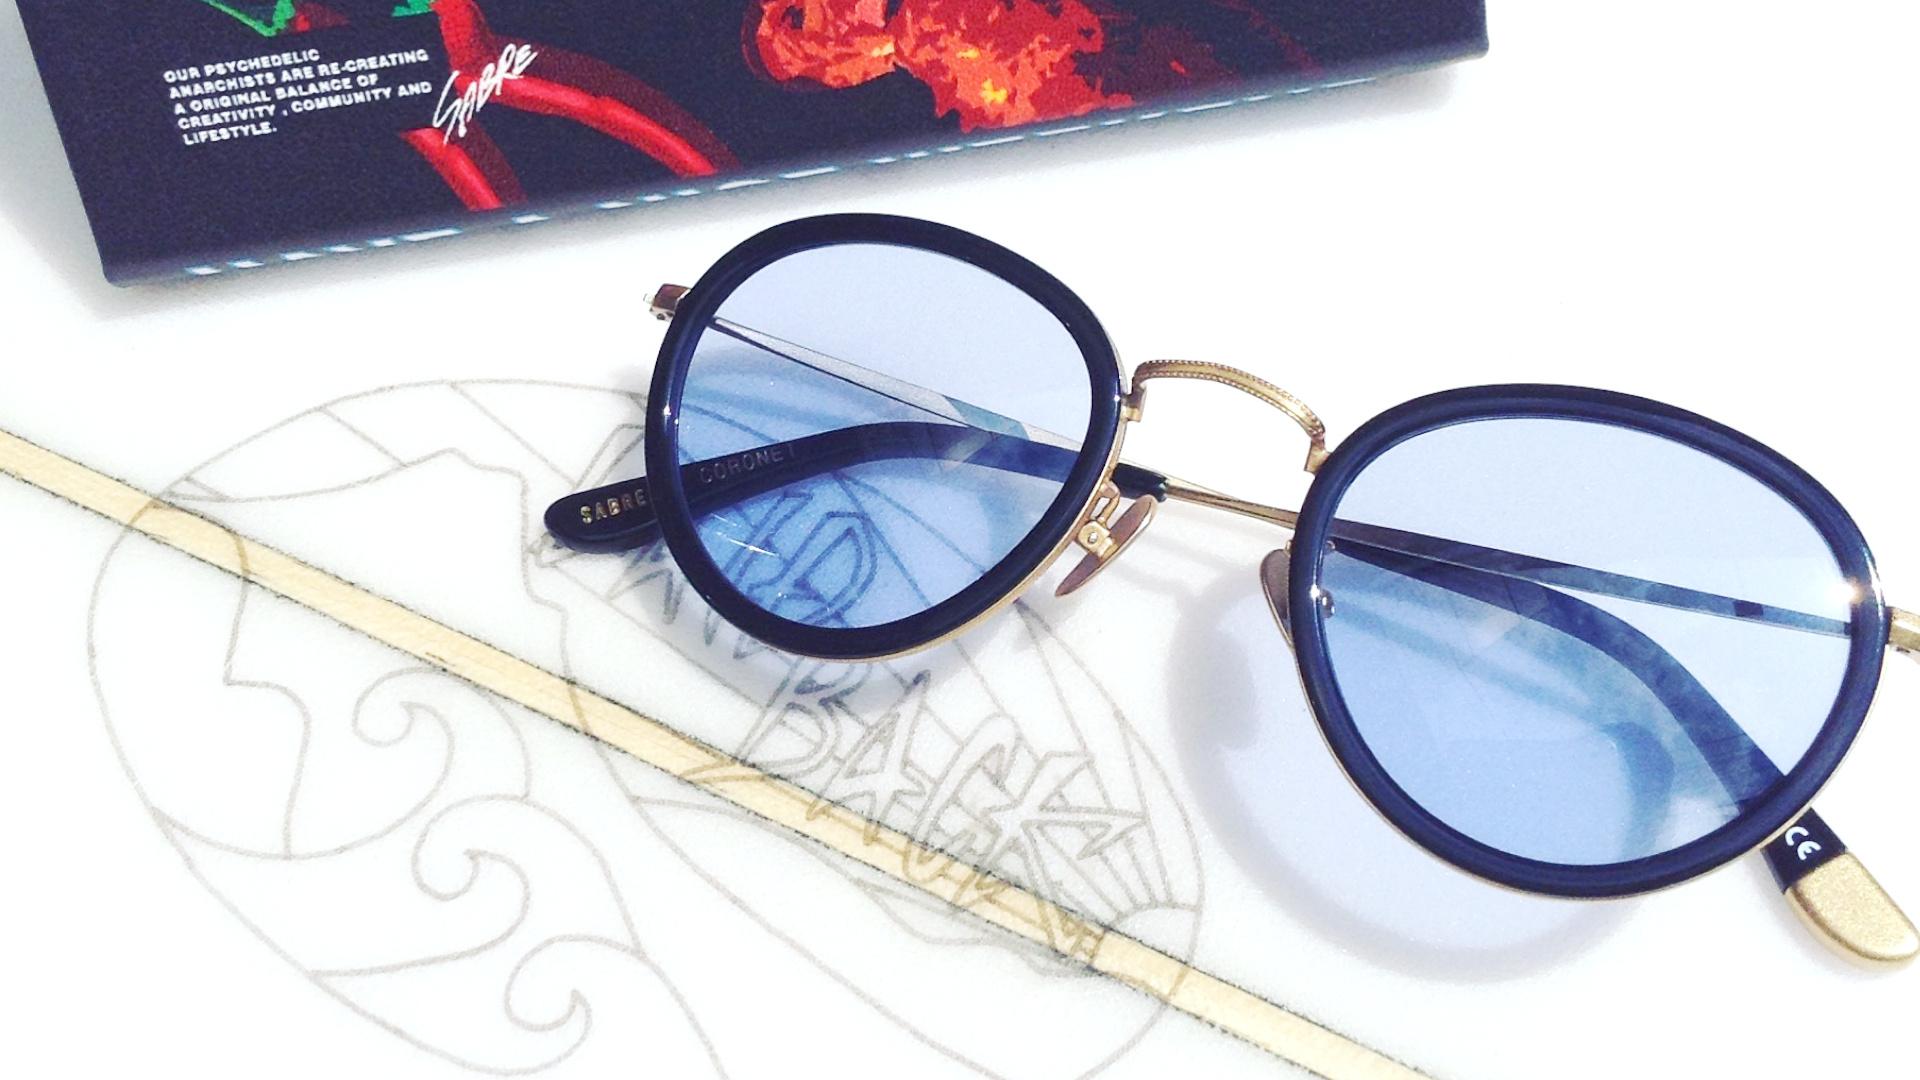 おしゃれなサングラス SABRE | 静岡 海野眼鏡店